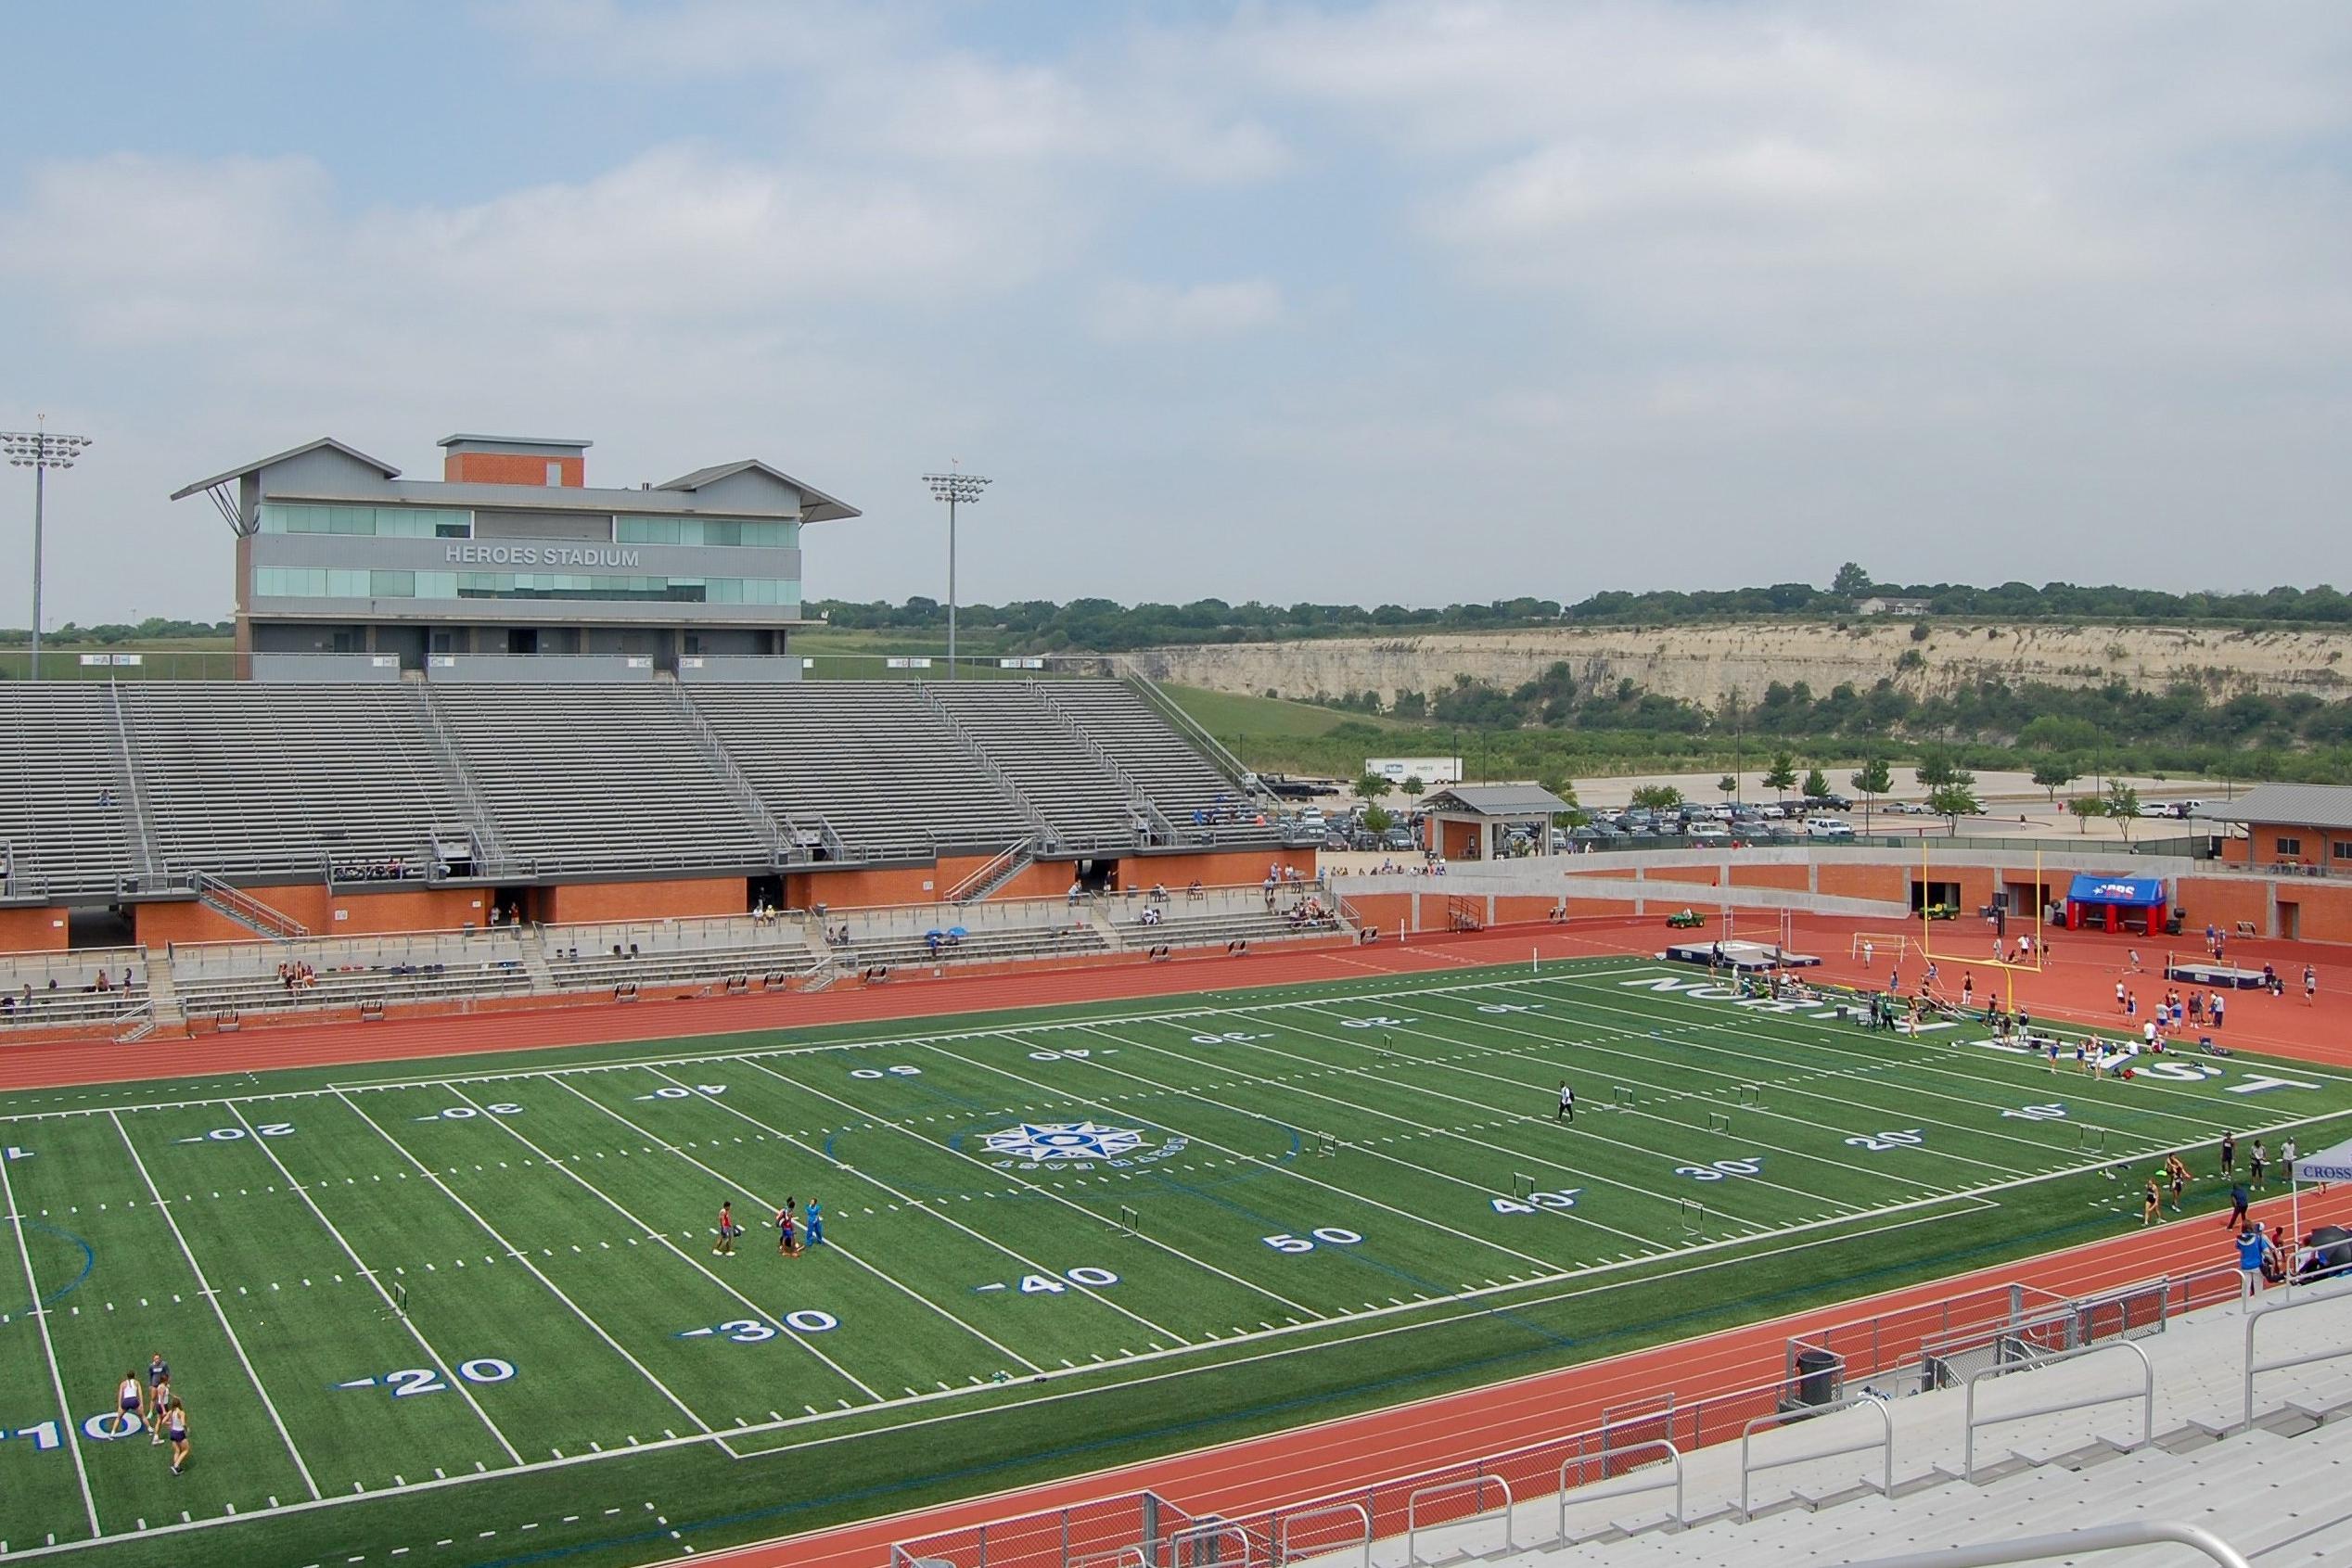 02 Heros Stadium